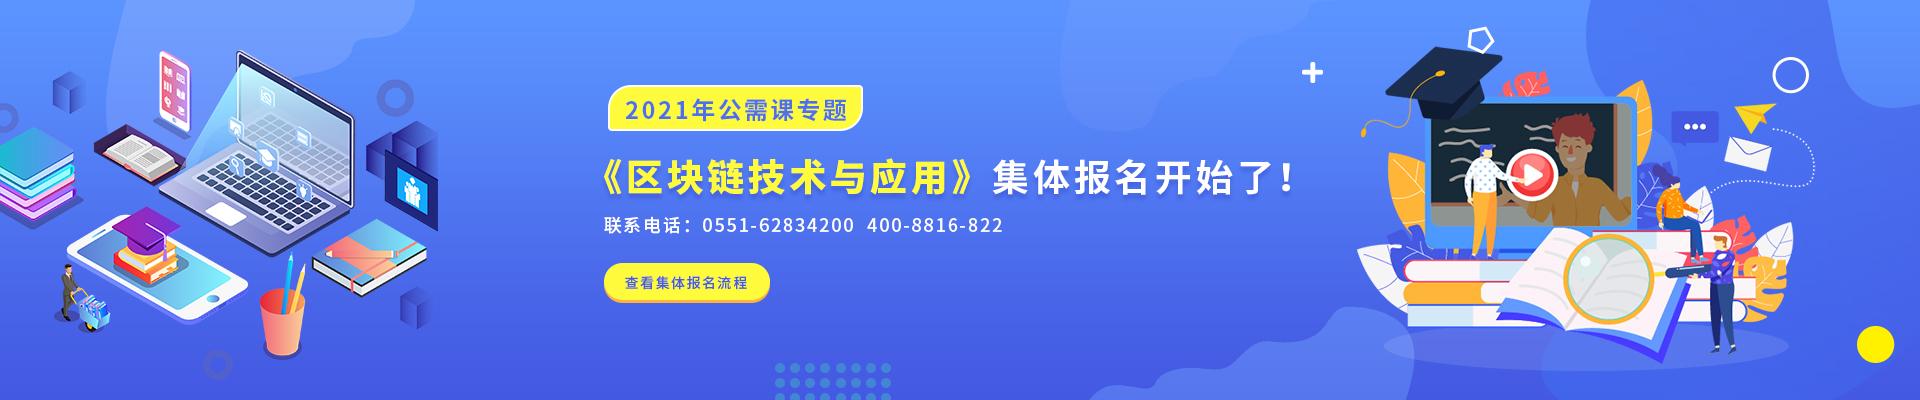 区块链技术与应用集体报名开始了!